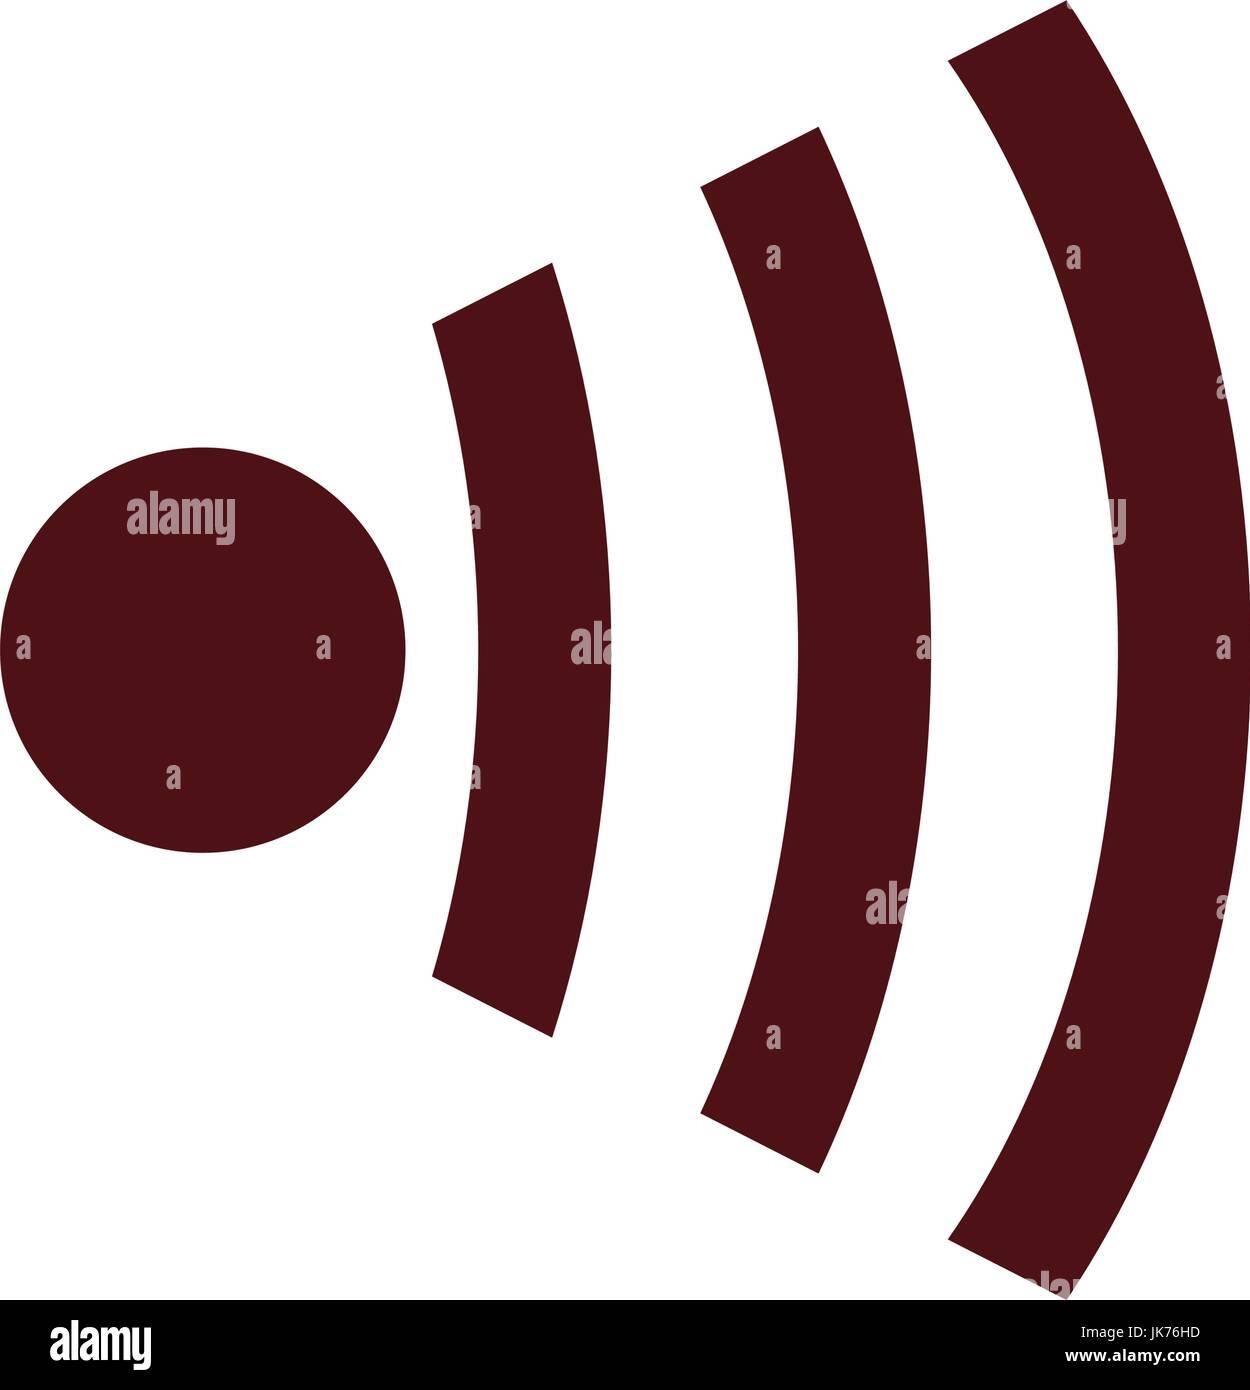 Wireless Signal Stockfotos & Wireless Signal Bilder - Seite 42 - Alamy